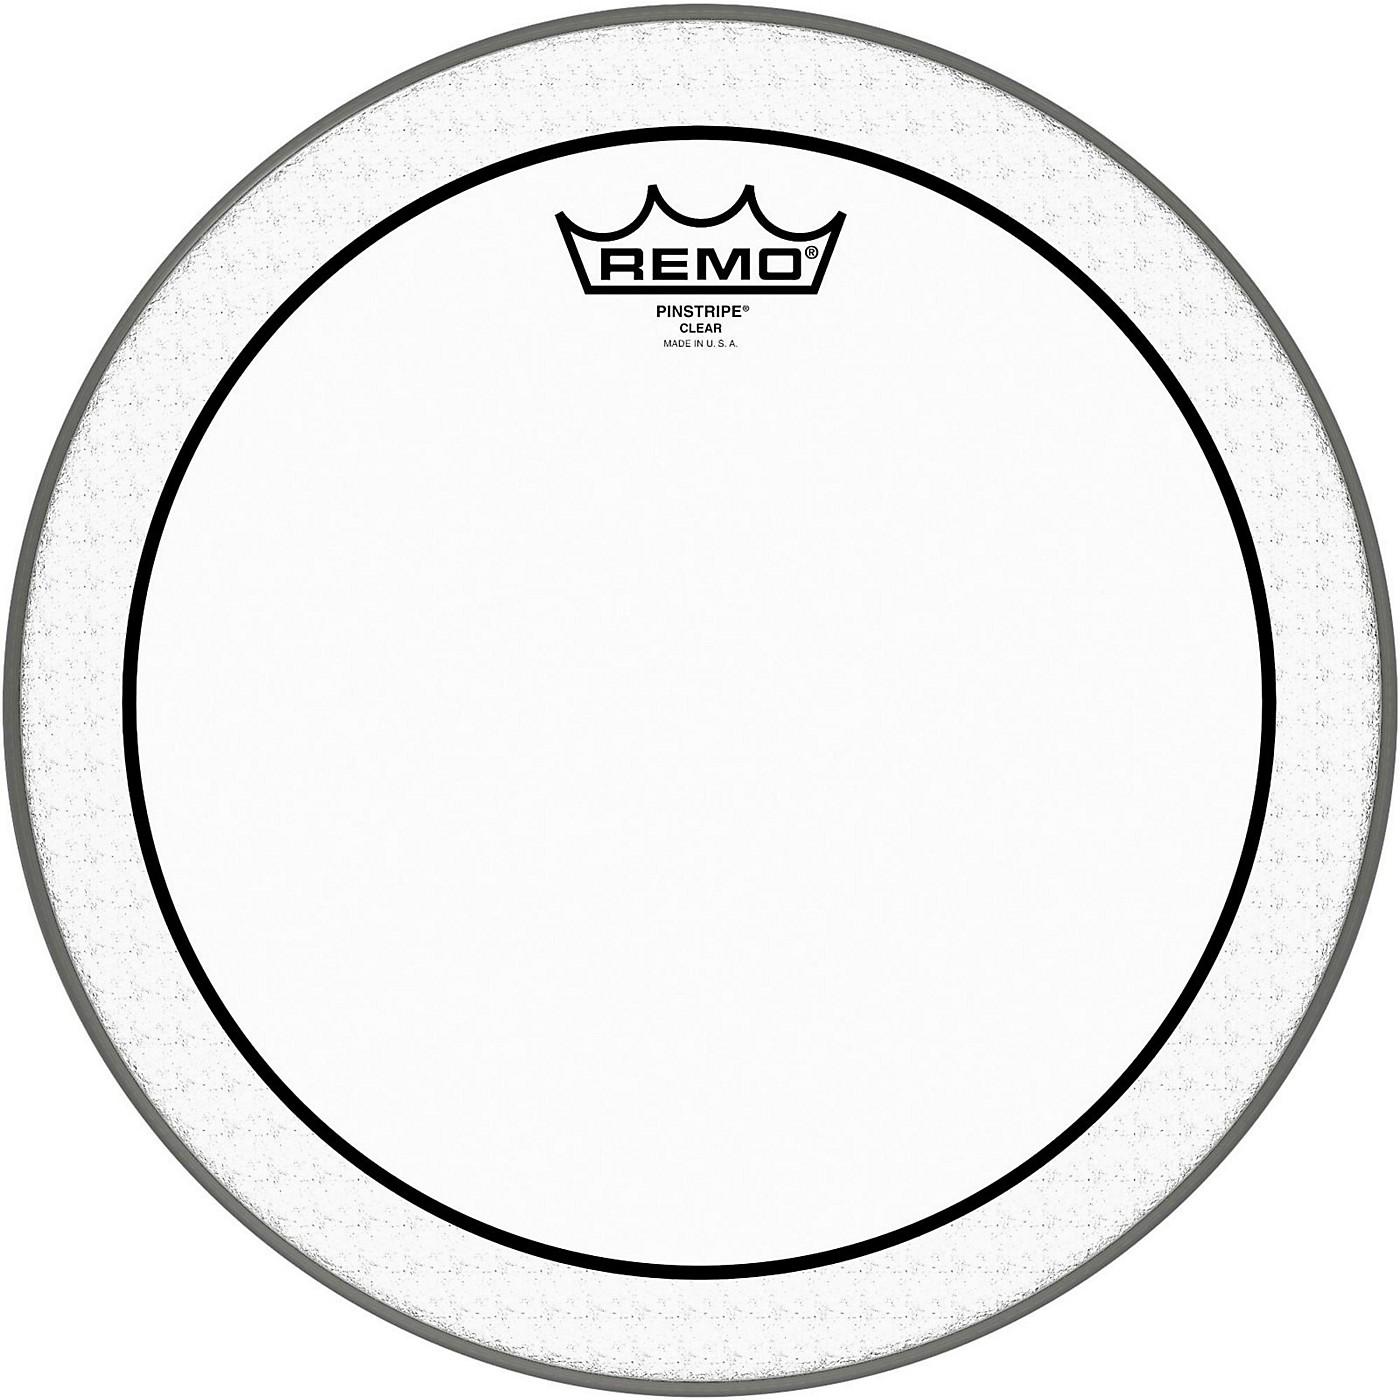 Remo Clear Pinstripe Head thumbnail